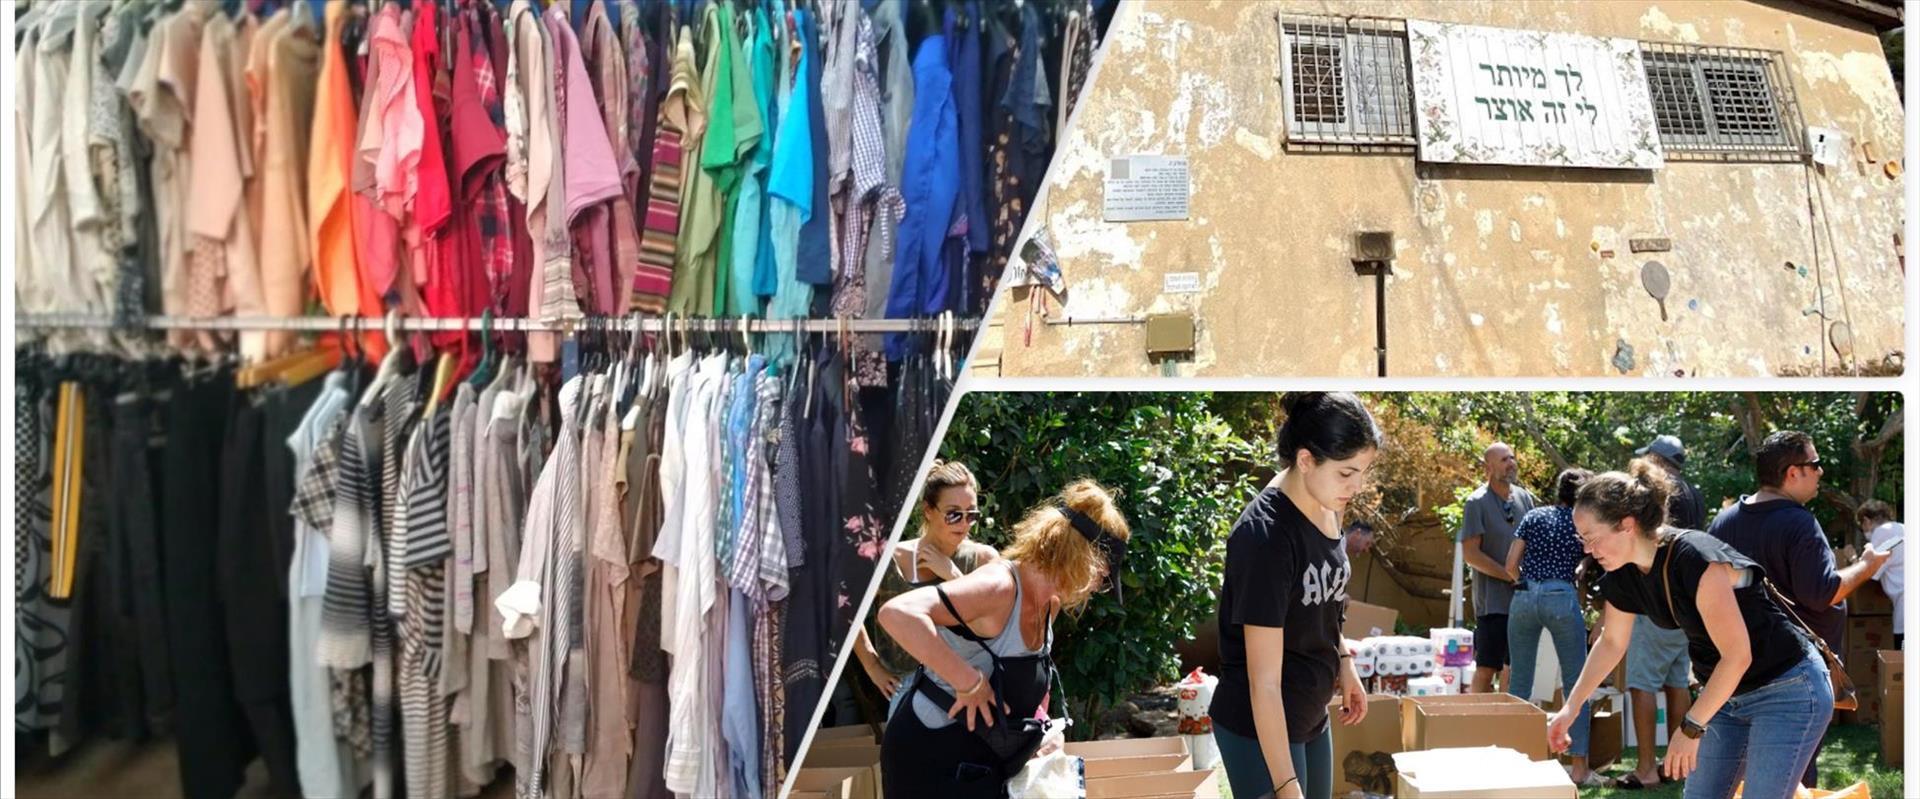 עמותות לתרומות בגדים וחפצים